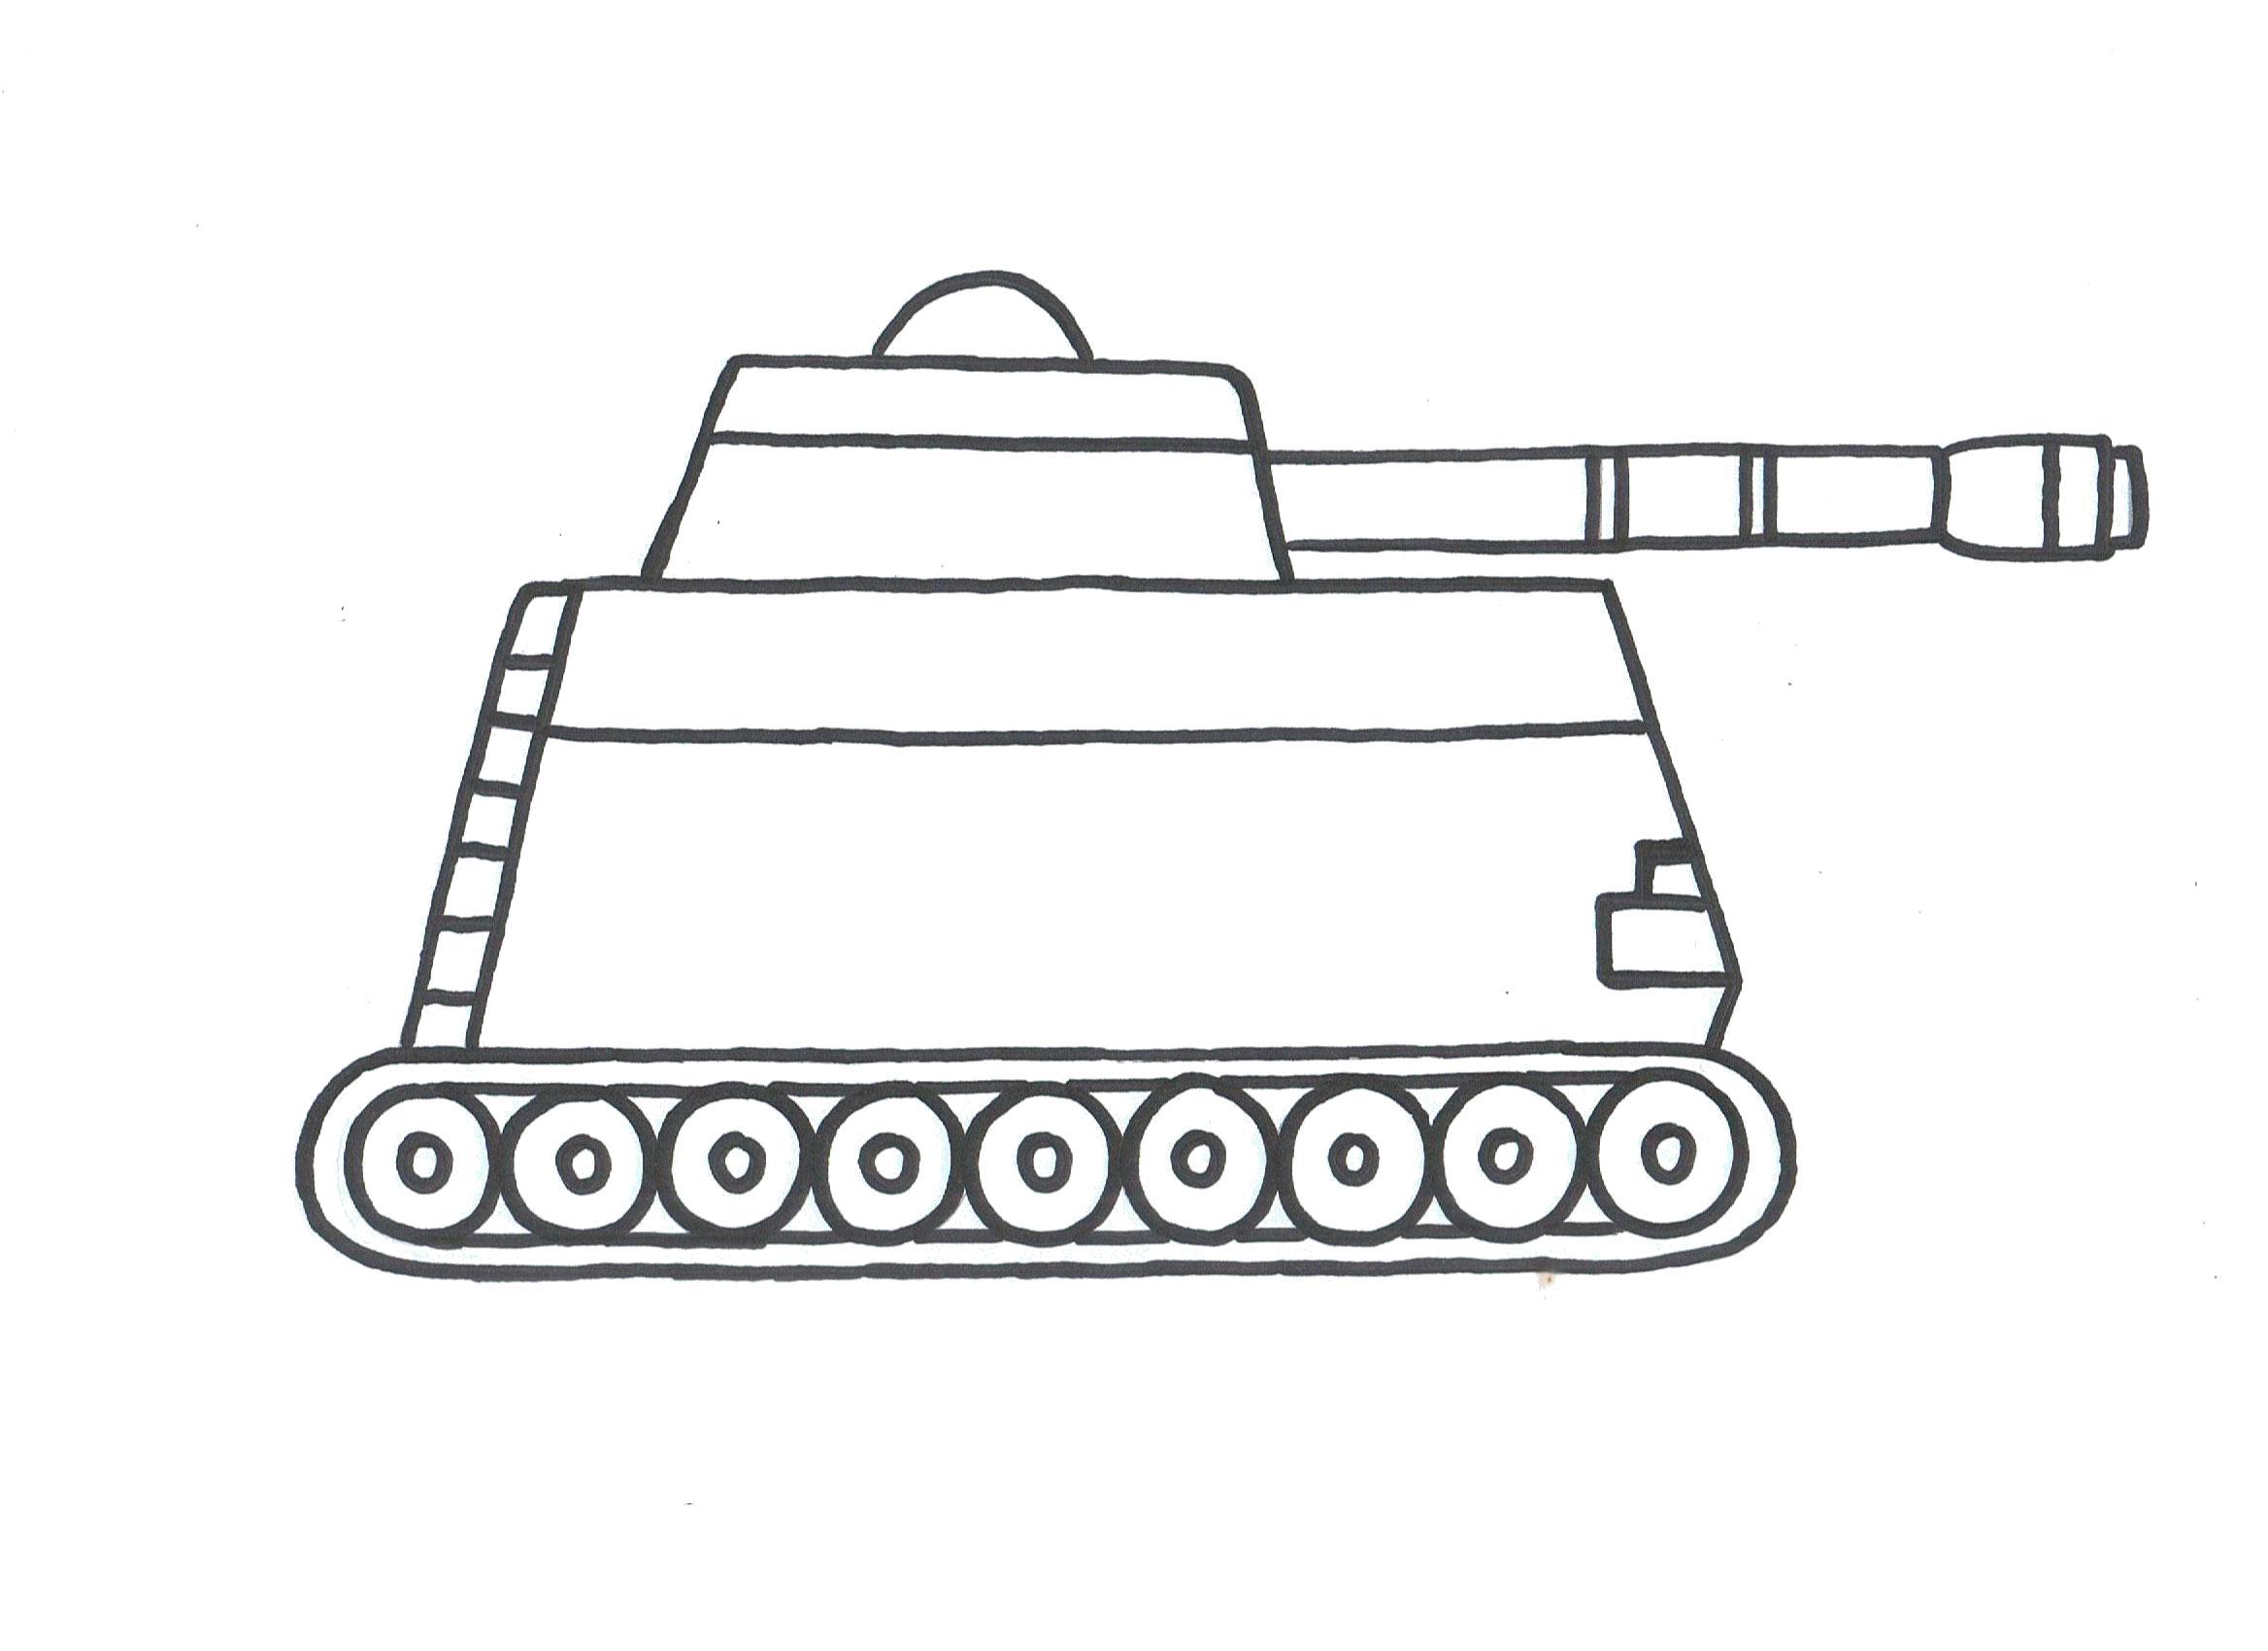 Раскраска  танк. Скачать танк.  Распечатать танк